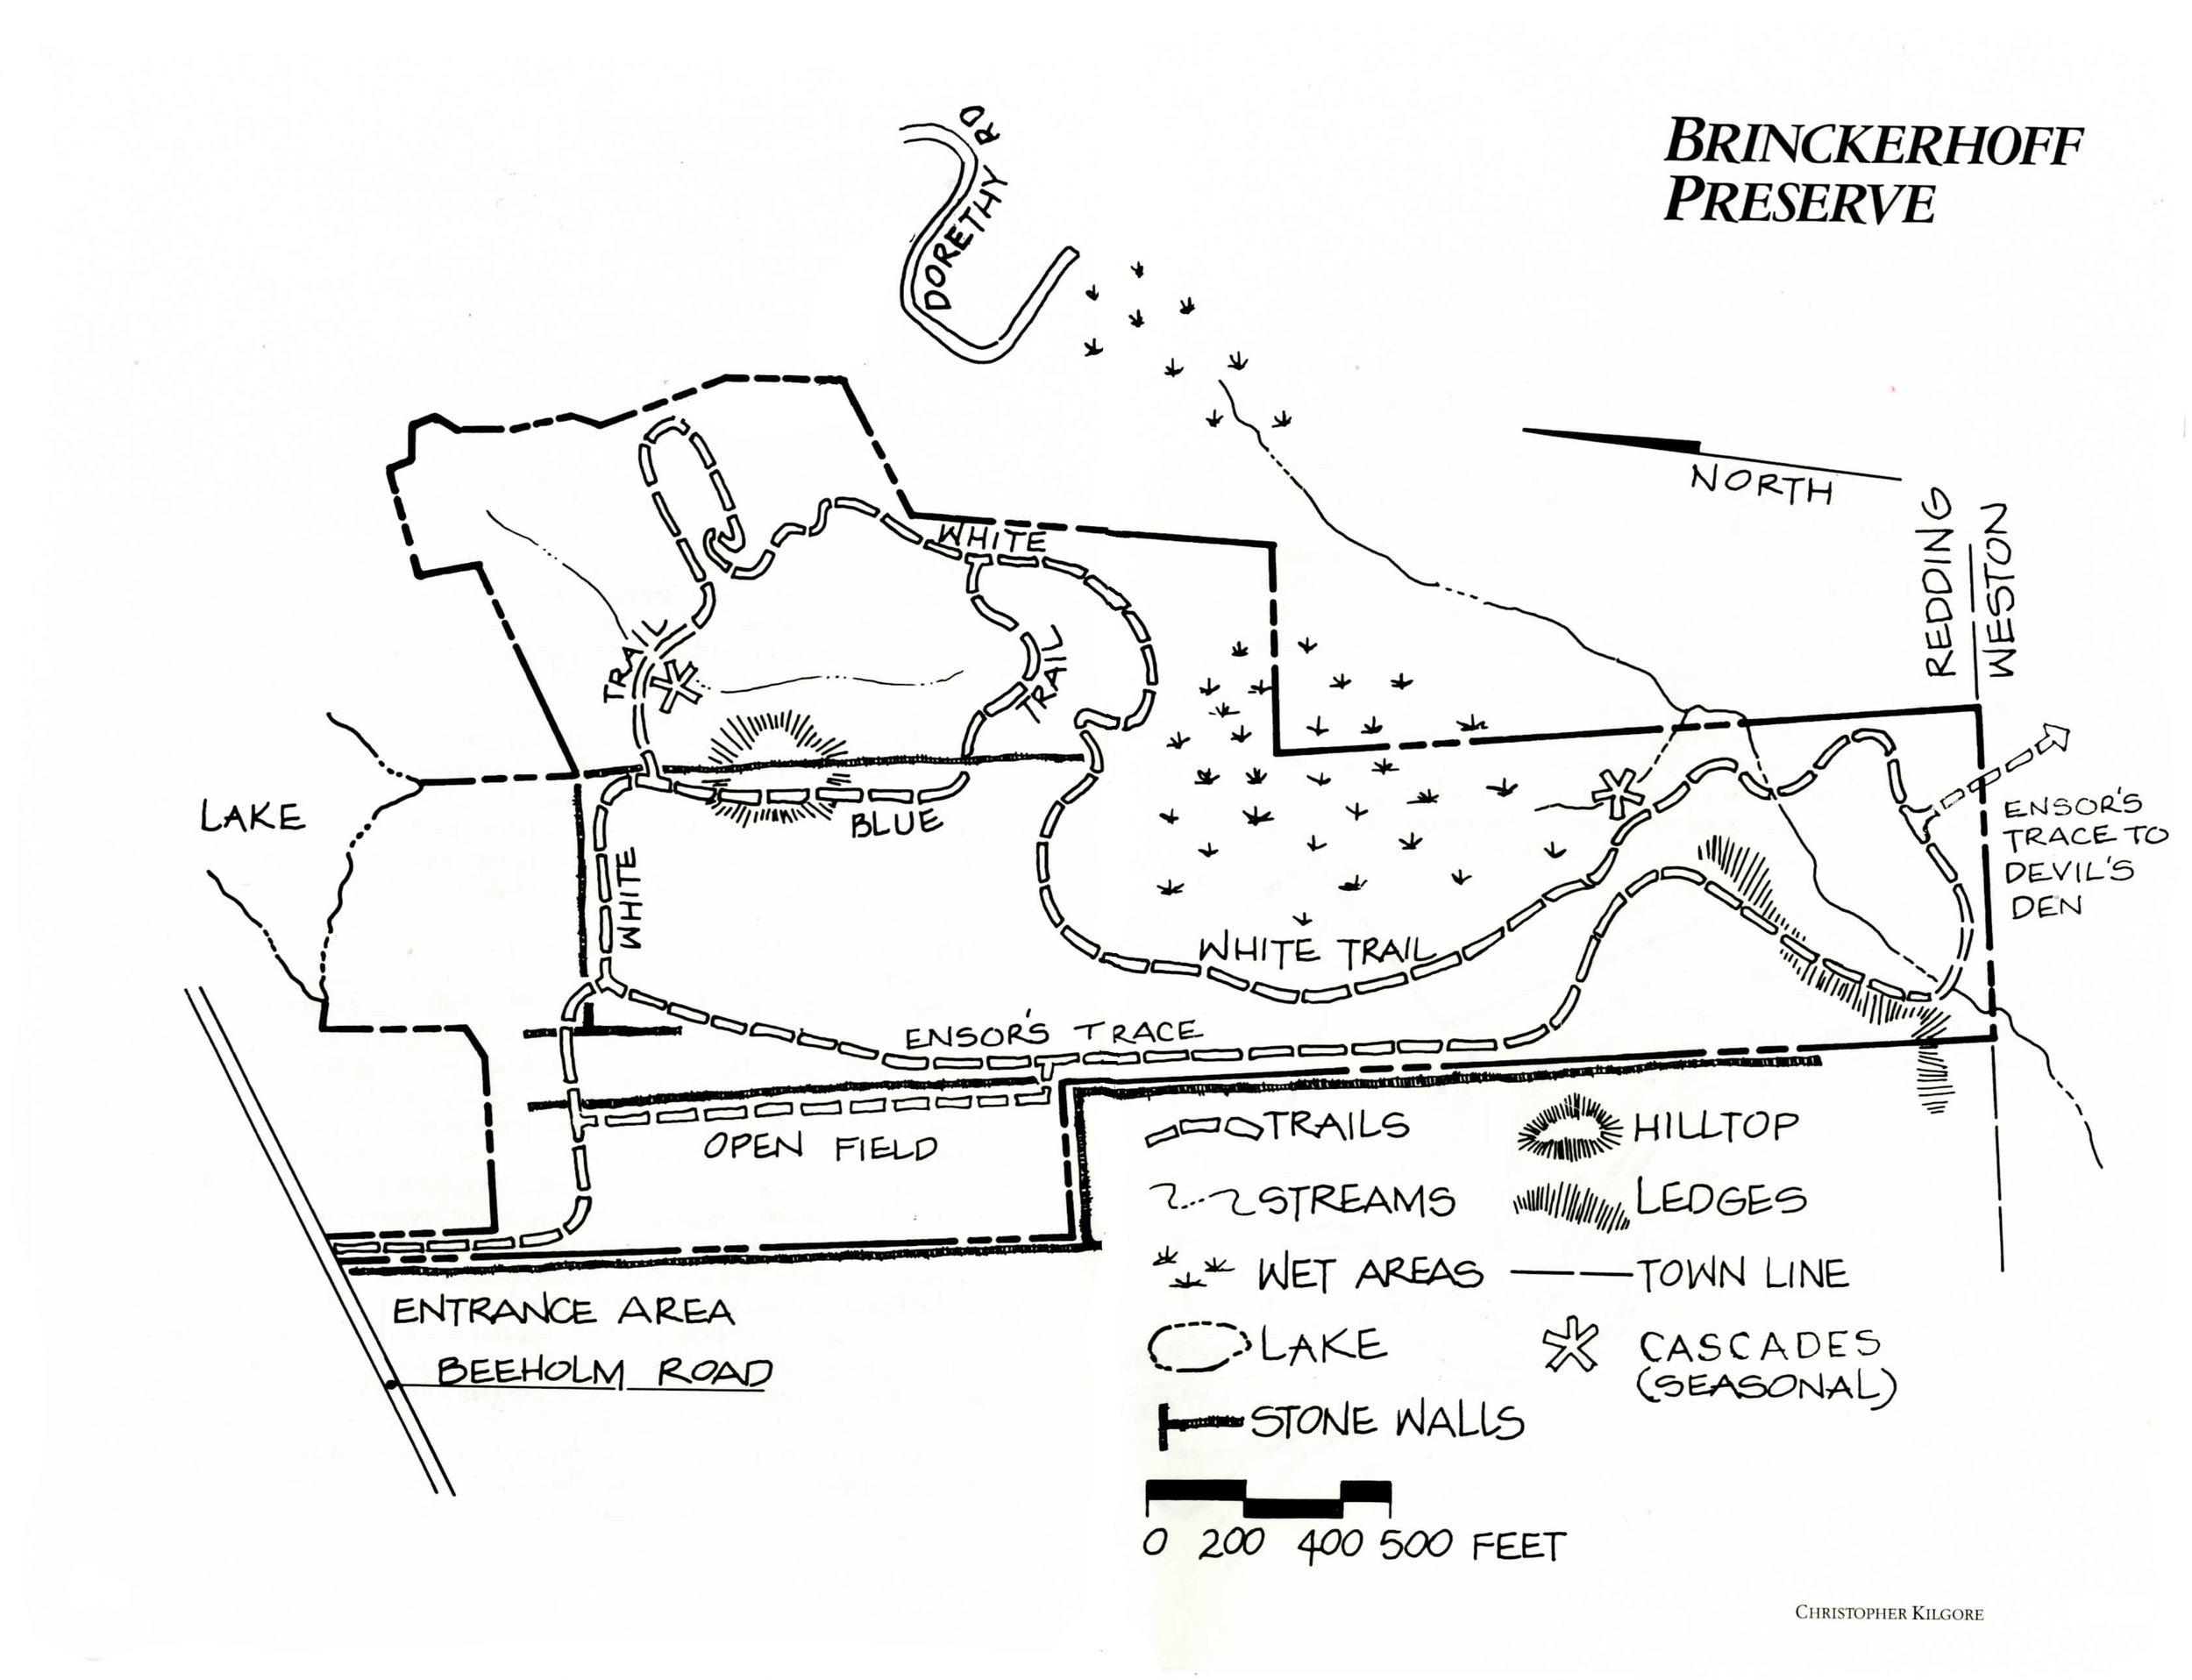 bot-map-brinckerhoff.jpg